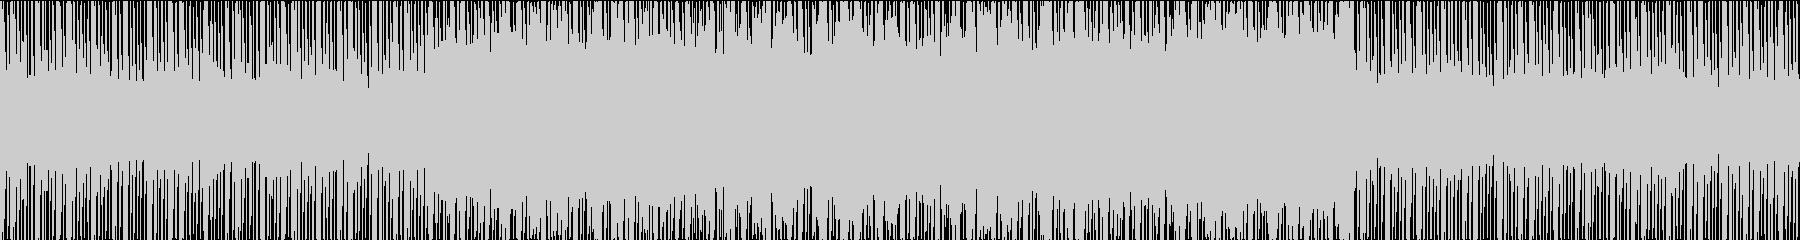 不気味さ、不穏さのあるBGMの未再生の波形